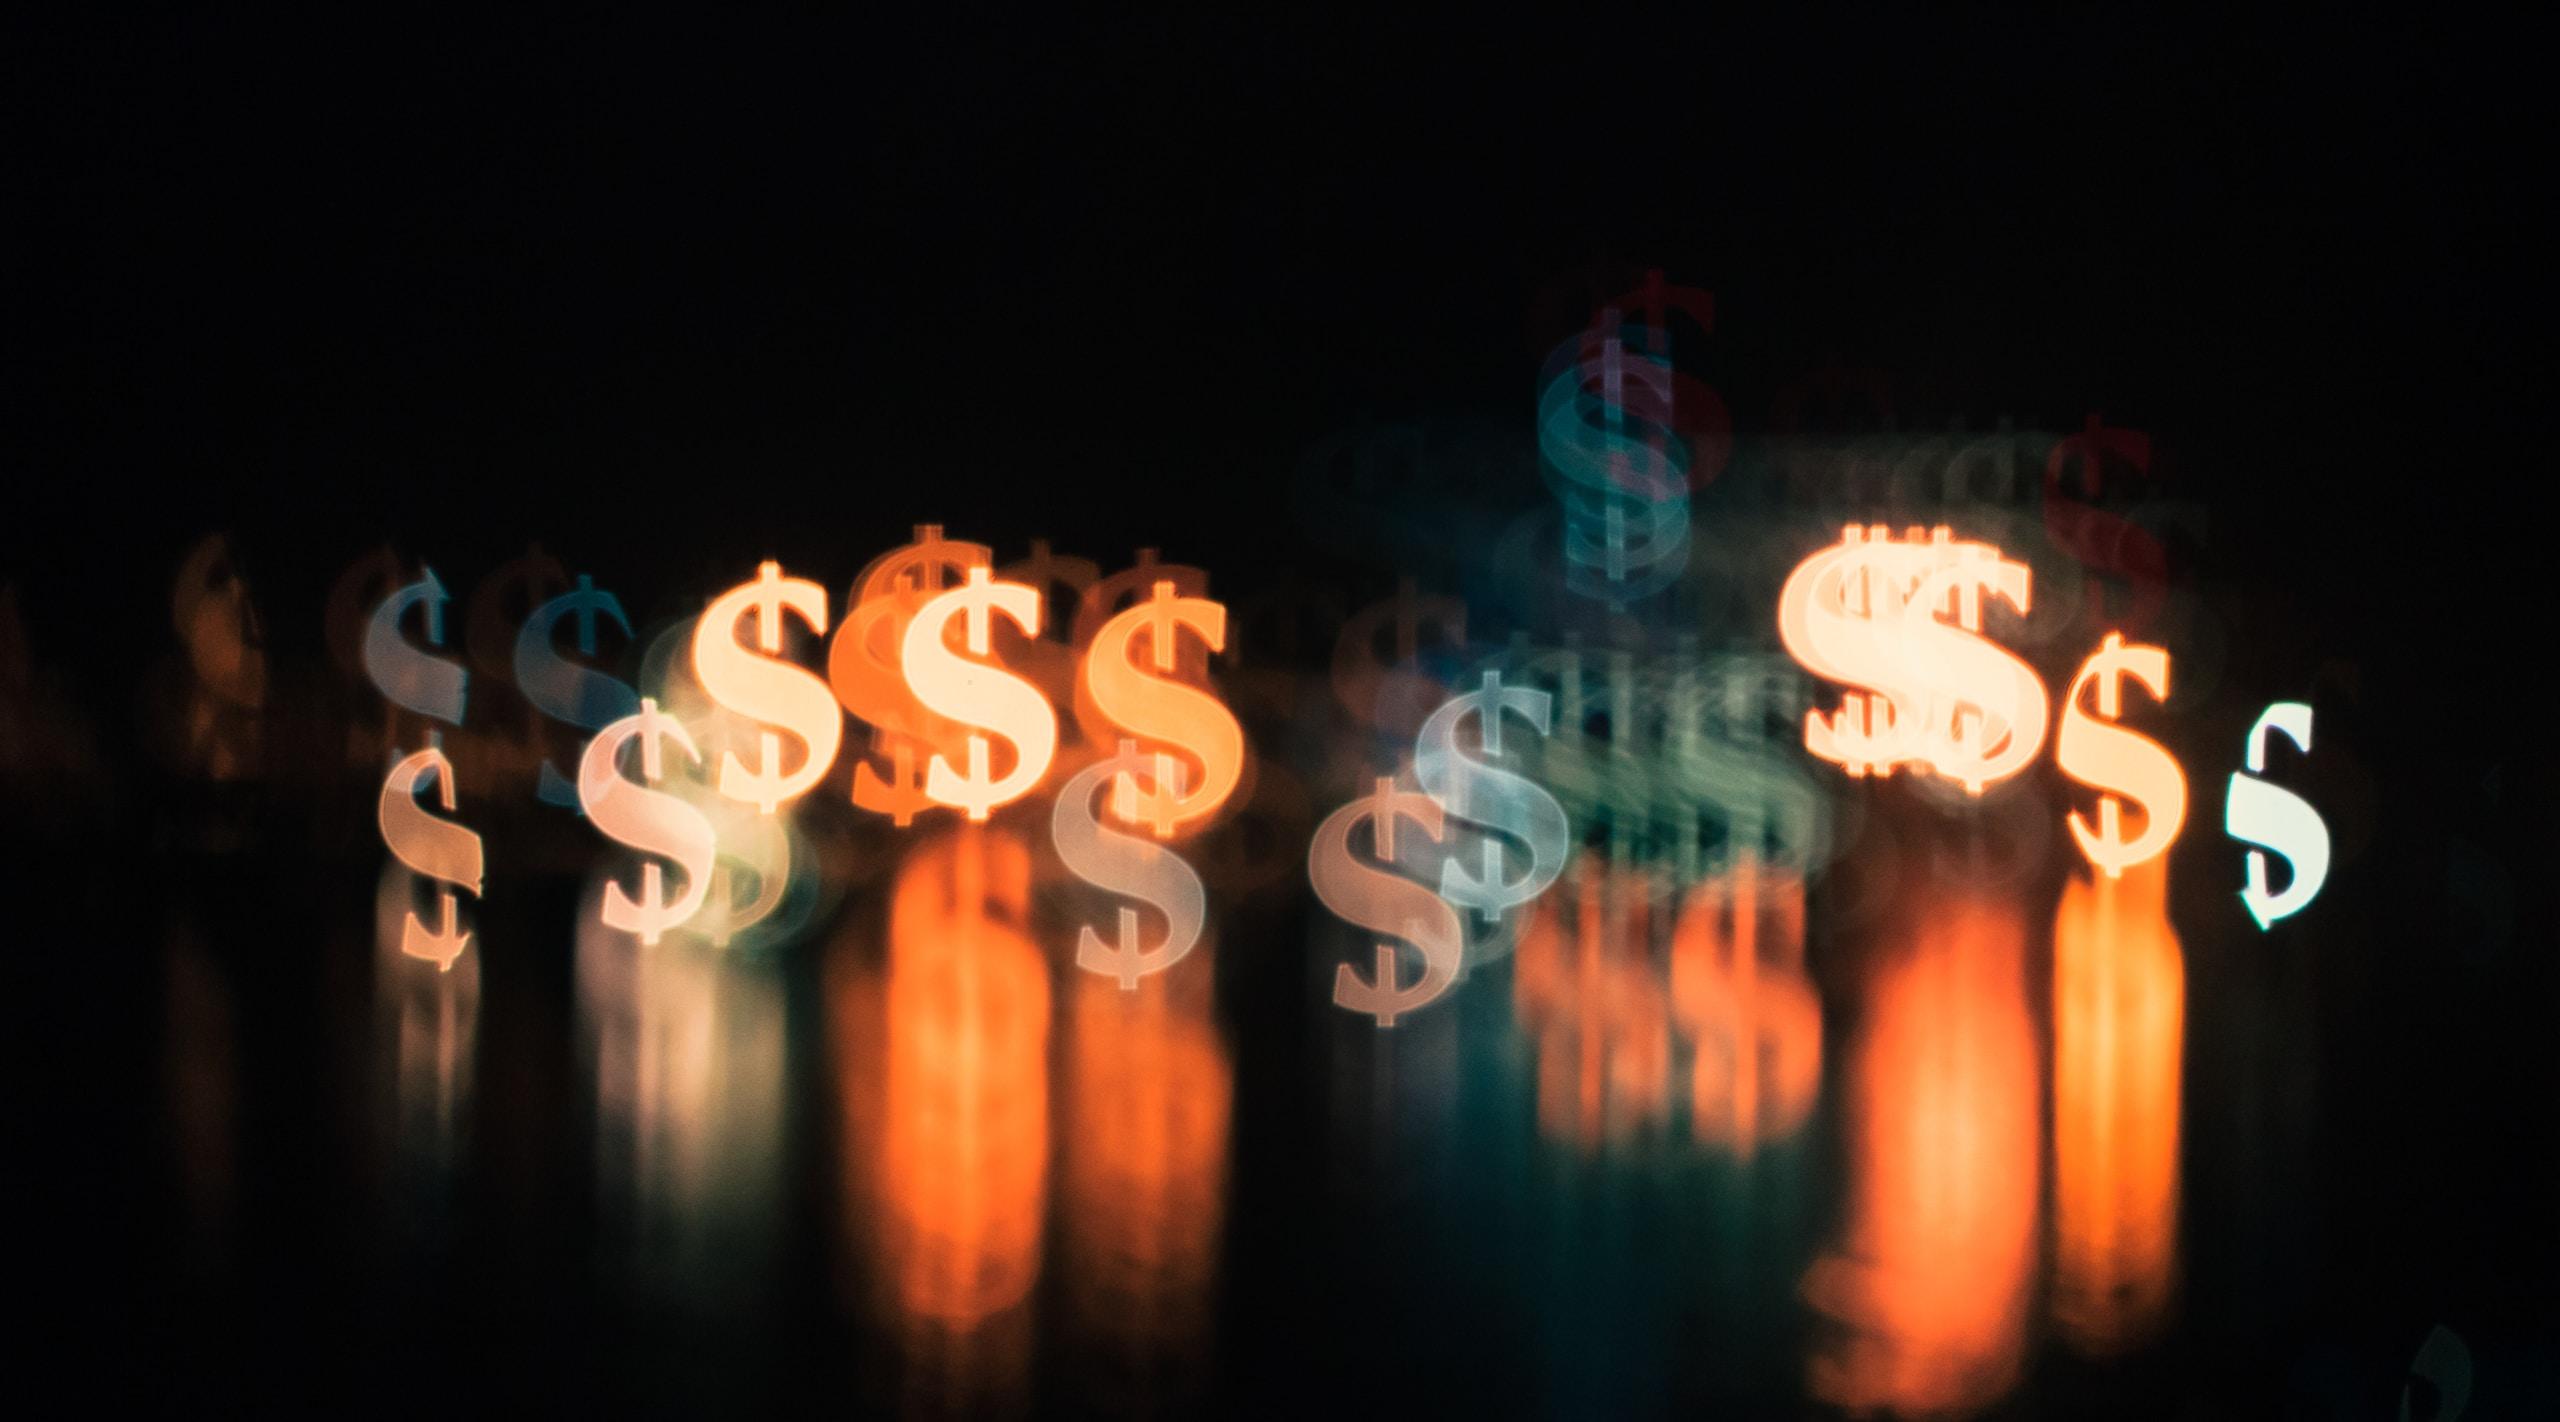 全球金融犯罪合規成本達至 2,139 億美元,德國成本遠較其他國家高